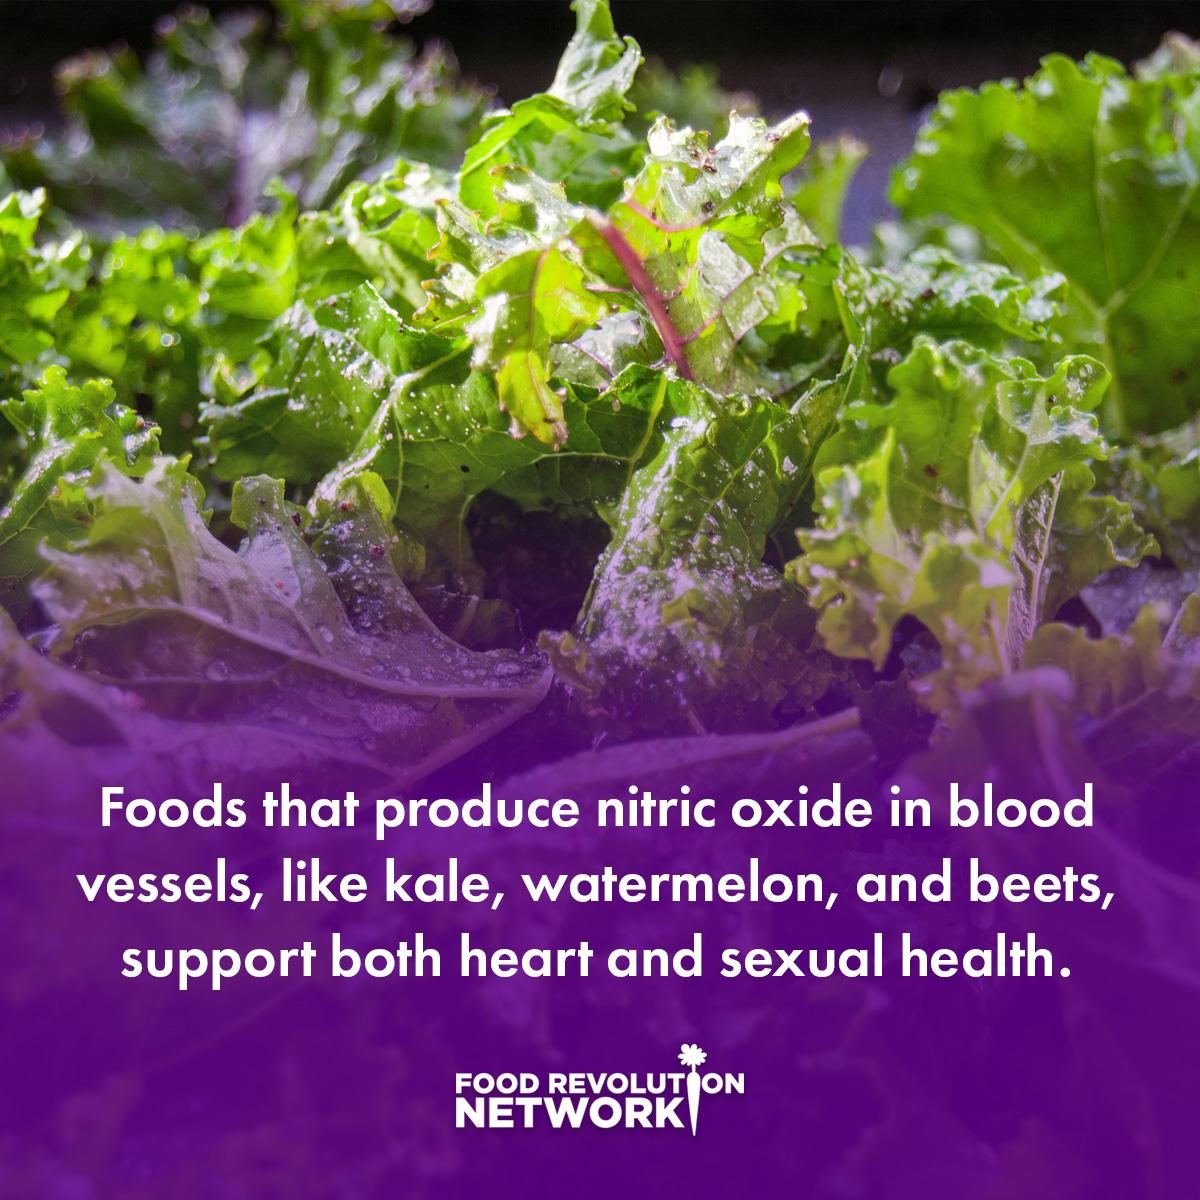 Los alimentos que producen óxido nítrico en los vasos sanguíneos, como el repollo, las sandías y las remolachas, apoyan la salud sexual y cardíaca.